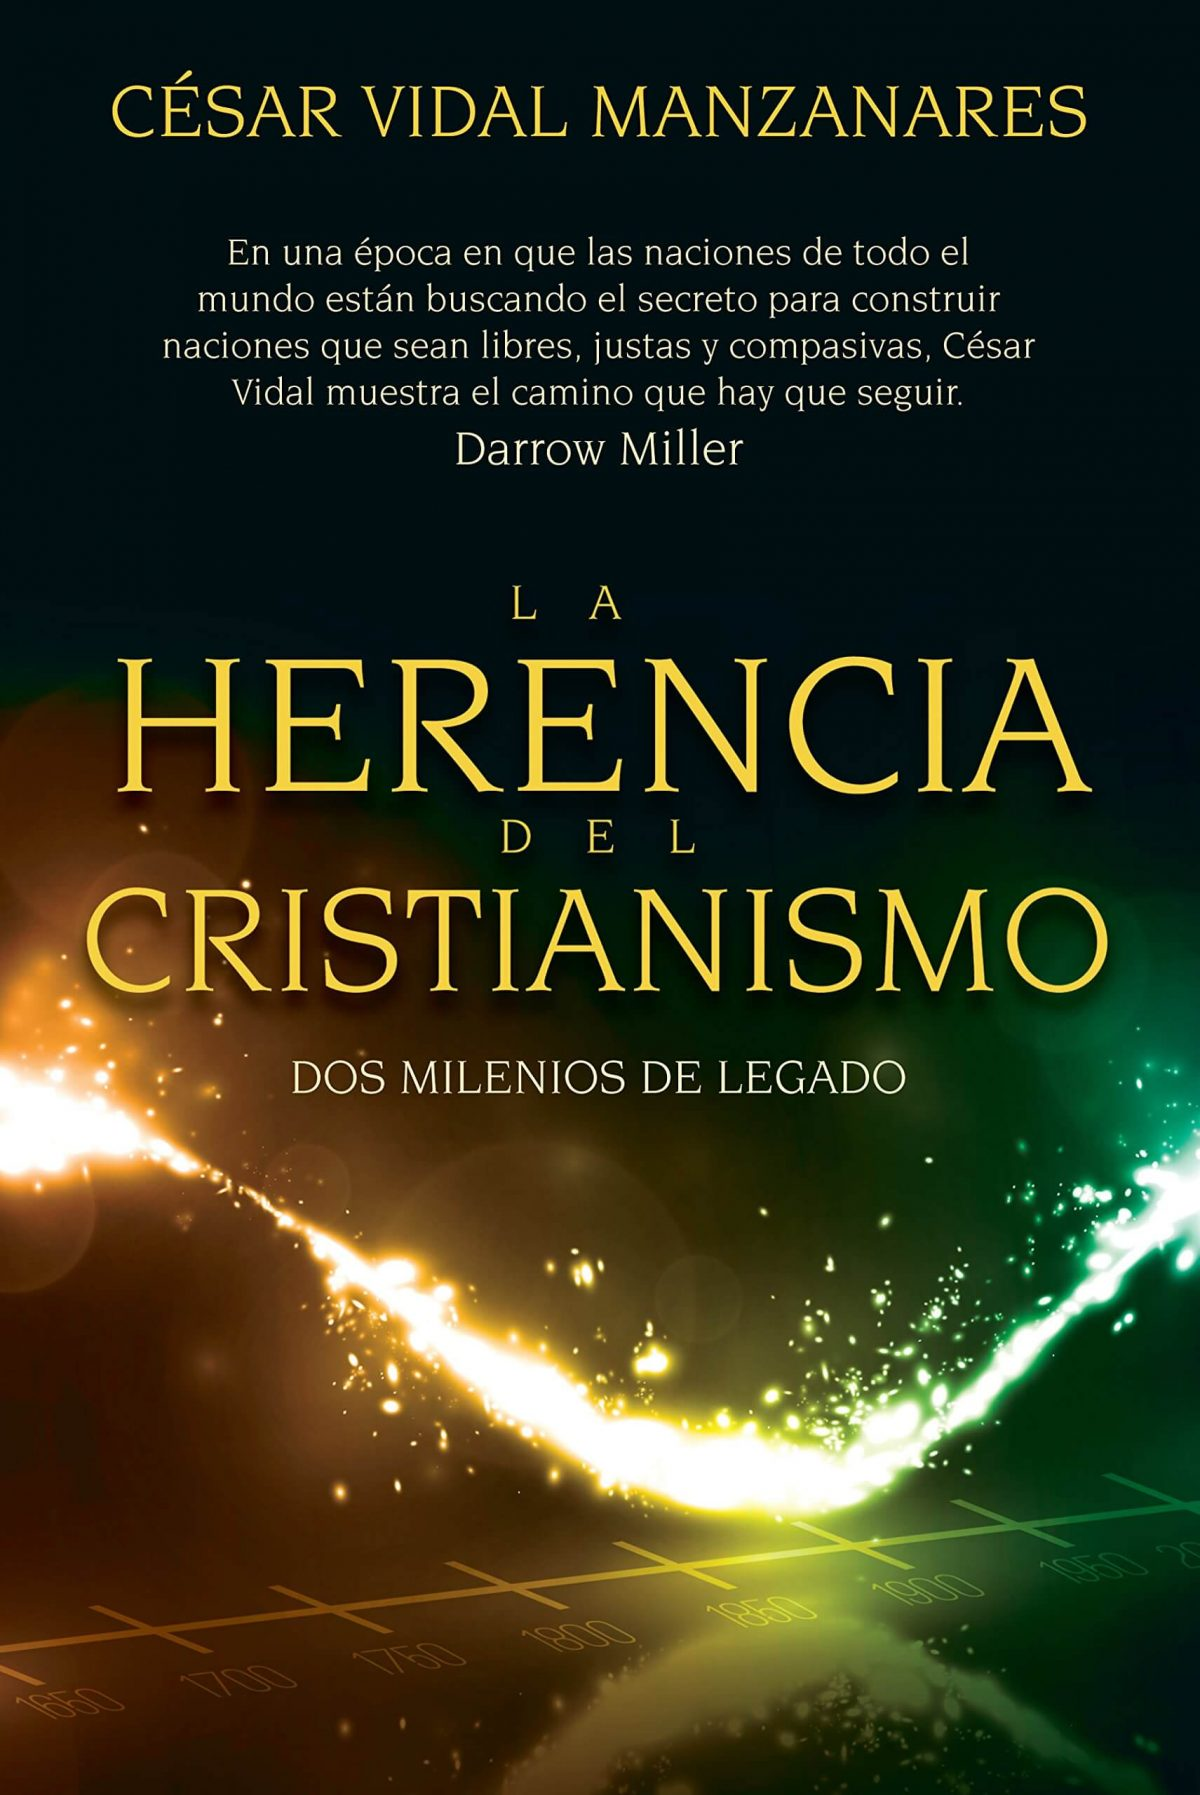 LA HERENCIA DEL CRISTIANISMO